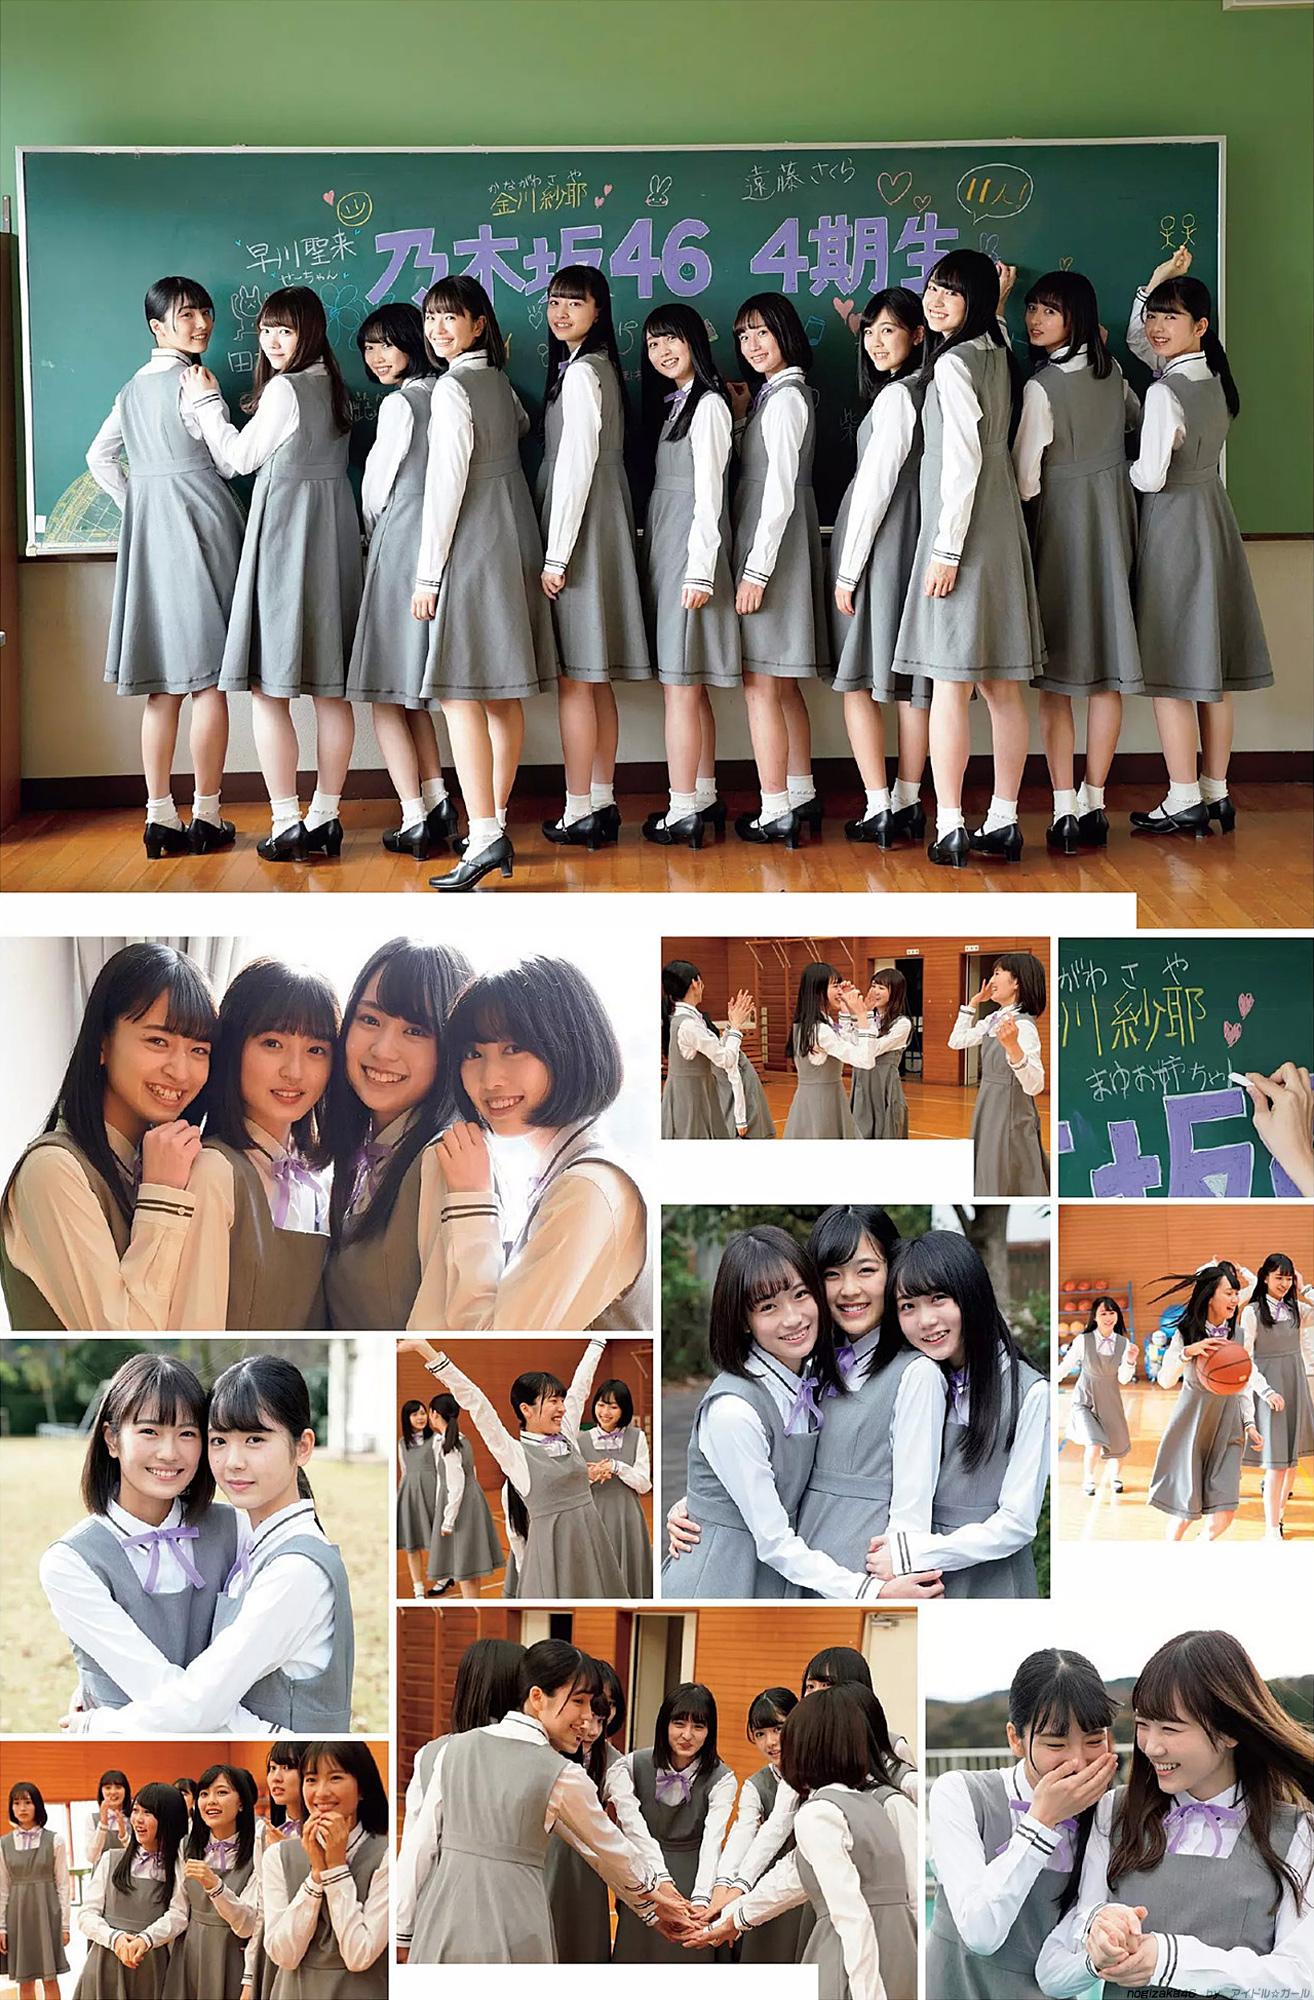 乃木坂46の画像184